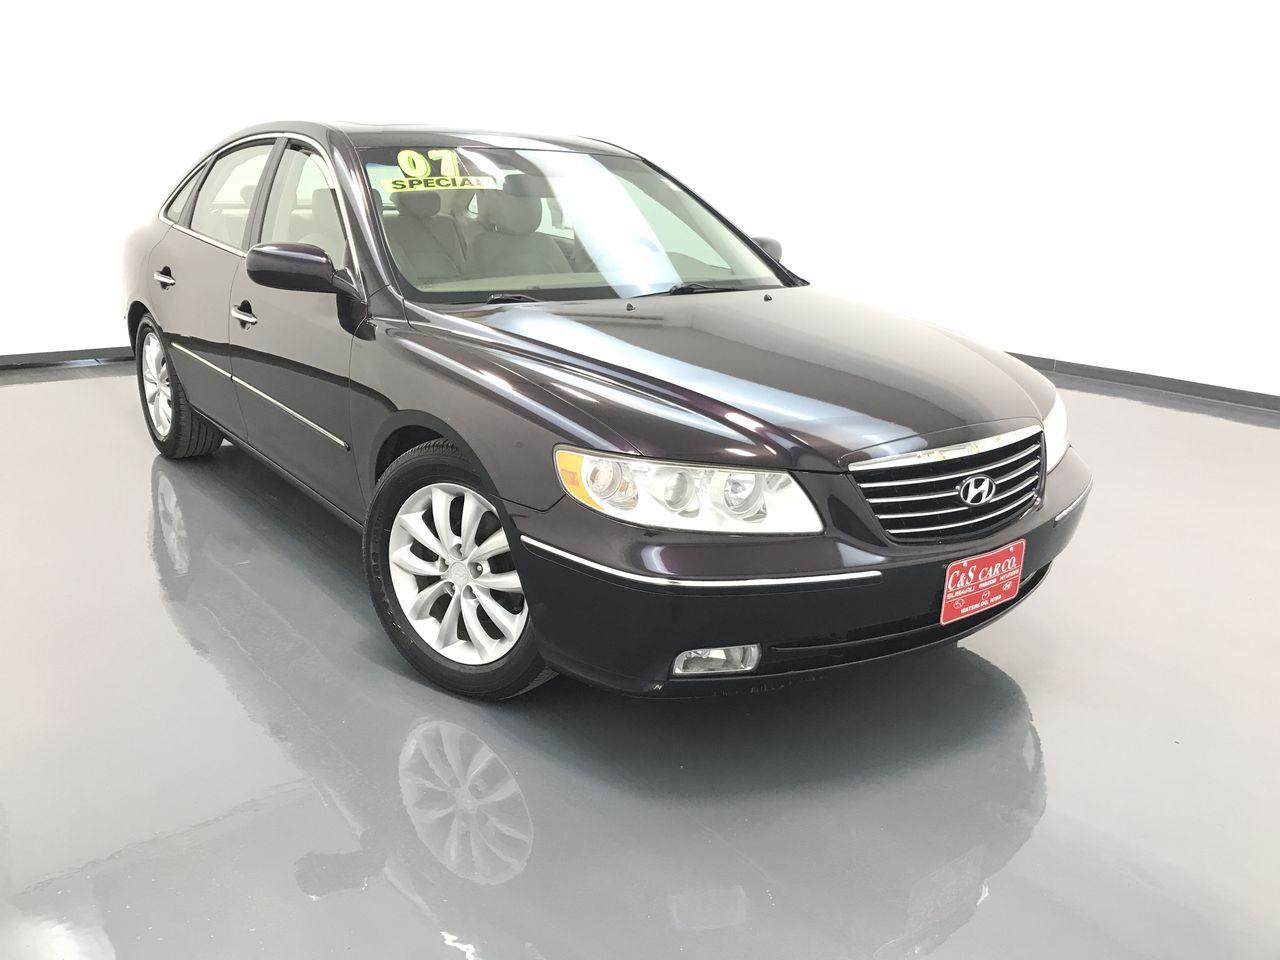 2007 Hyundai Azera  - C & S Car Company